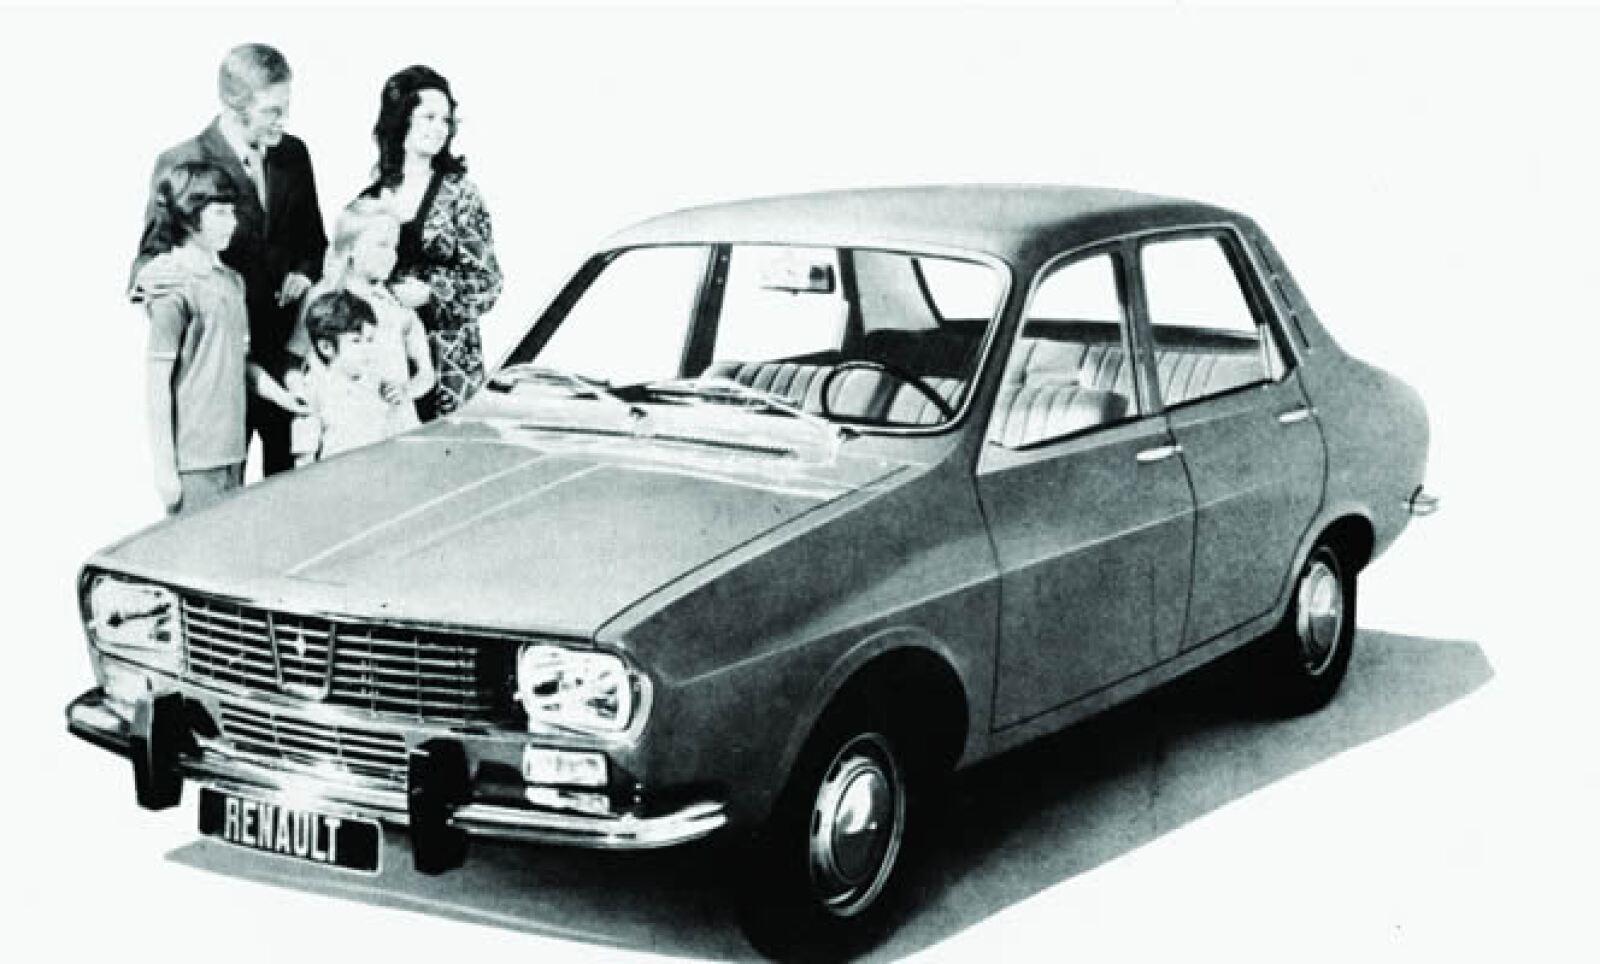 En el año de 1985, el gobierno decide descentralizar algunas empresas paraestatales con el fin de eliminar gastos y subsidios, una de ellas fue Renamex, mejor conocida como Renault.